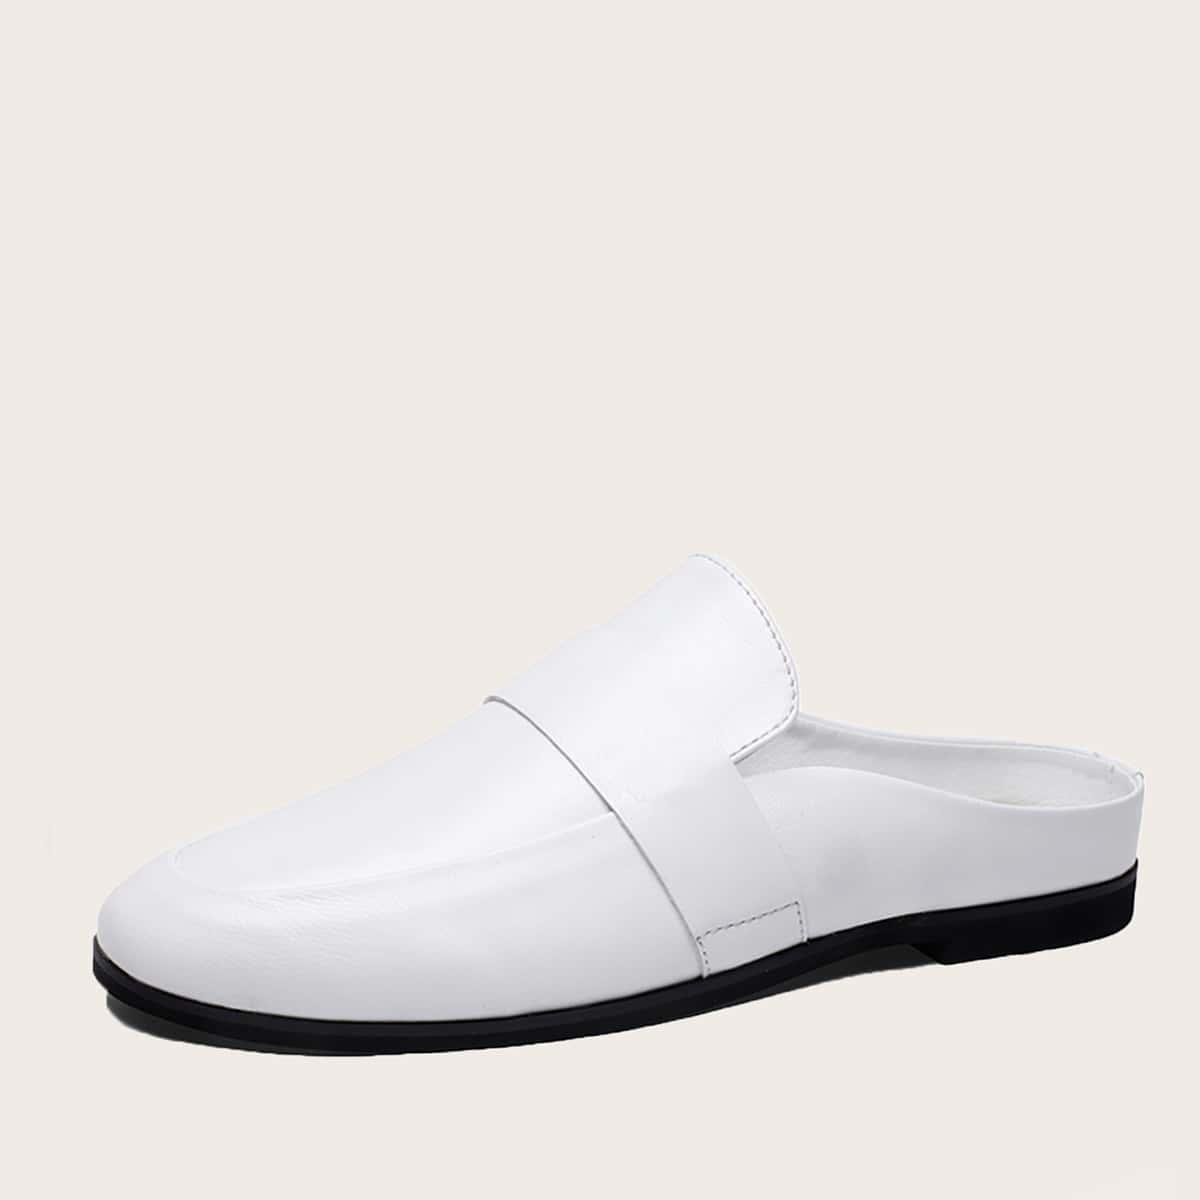 SHEIN Minimalistische loafers voor heren